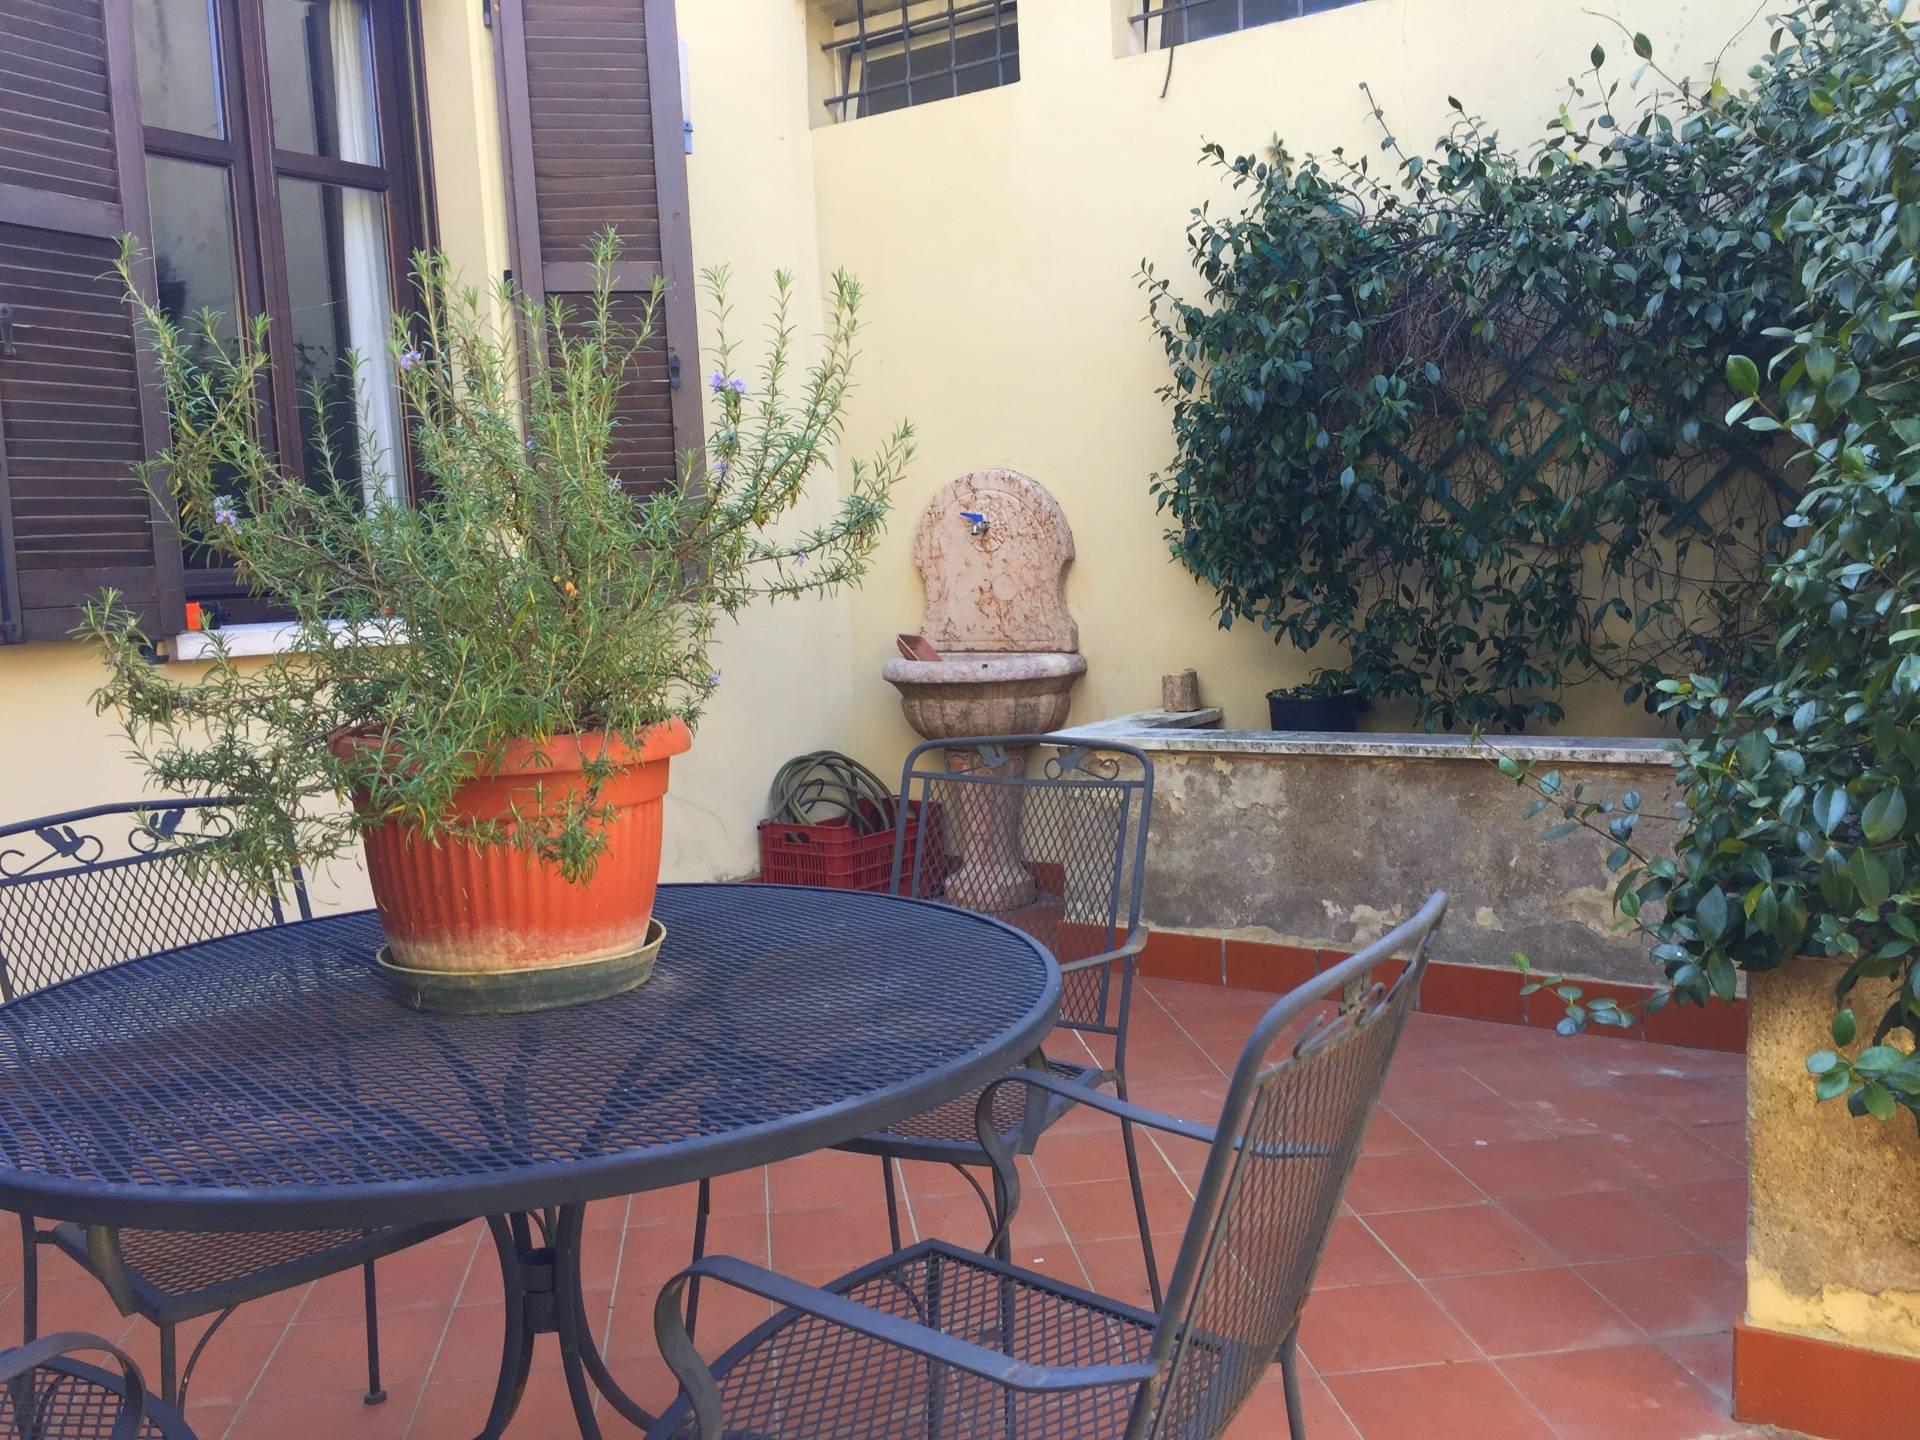 Attico / Mansarda in vendita a Mantova, 6 locali, zona Località: Centrostorico, prezzo € 600.000 | PortaleAgenzieImmobiliari.it